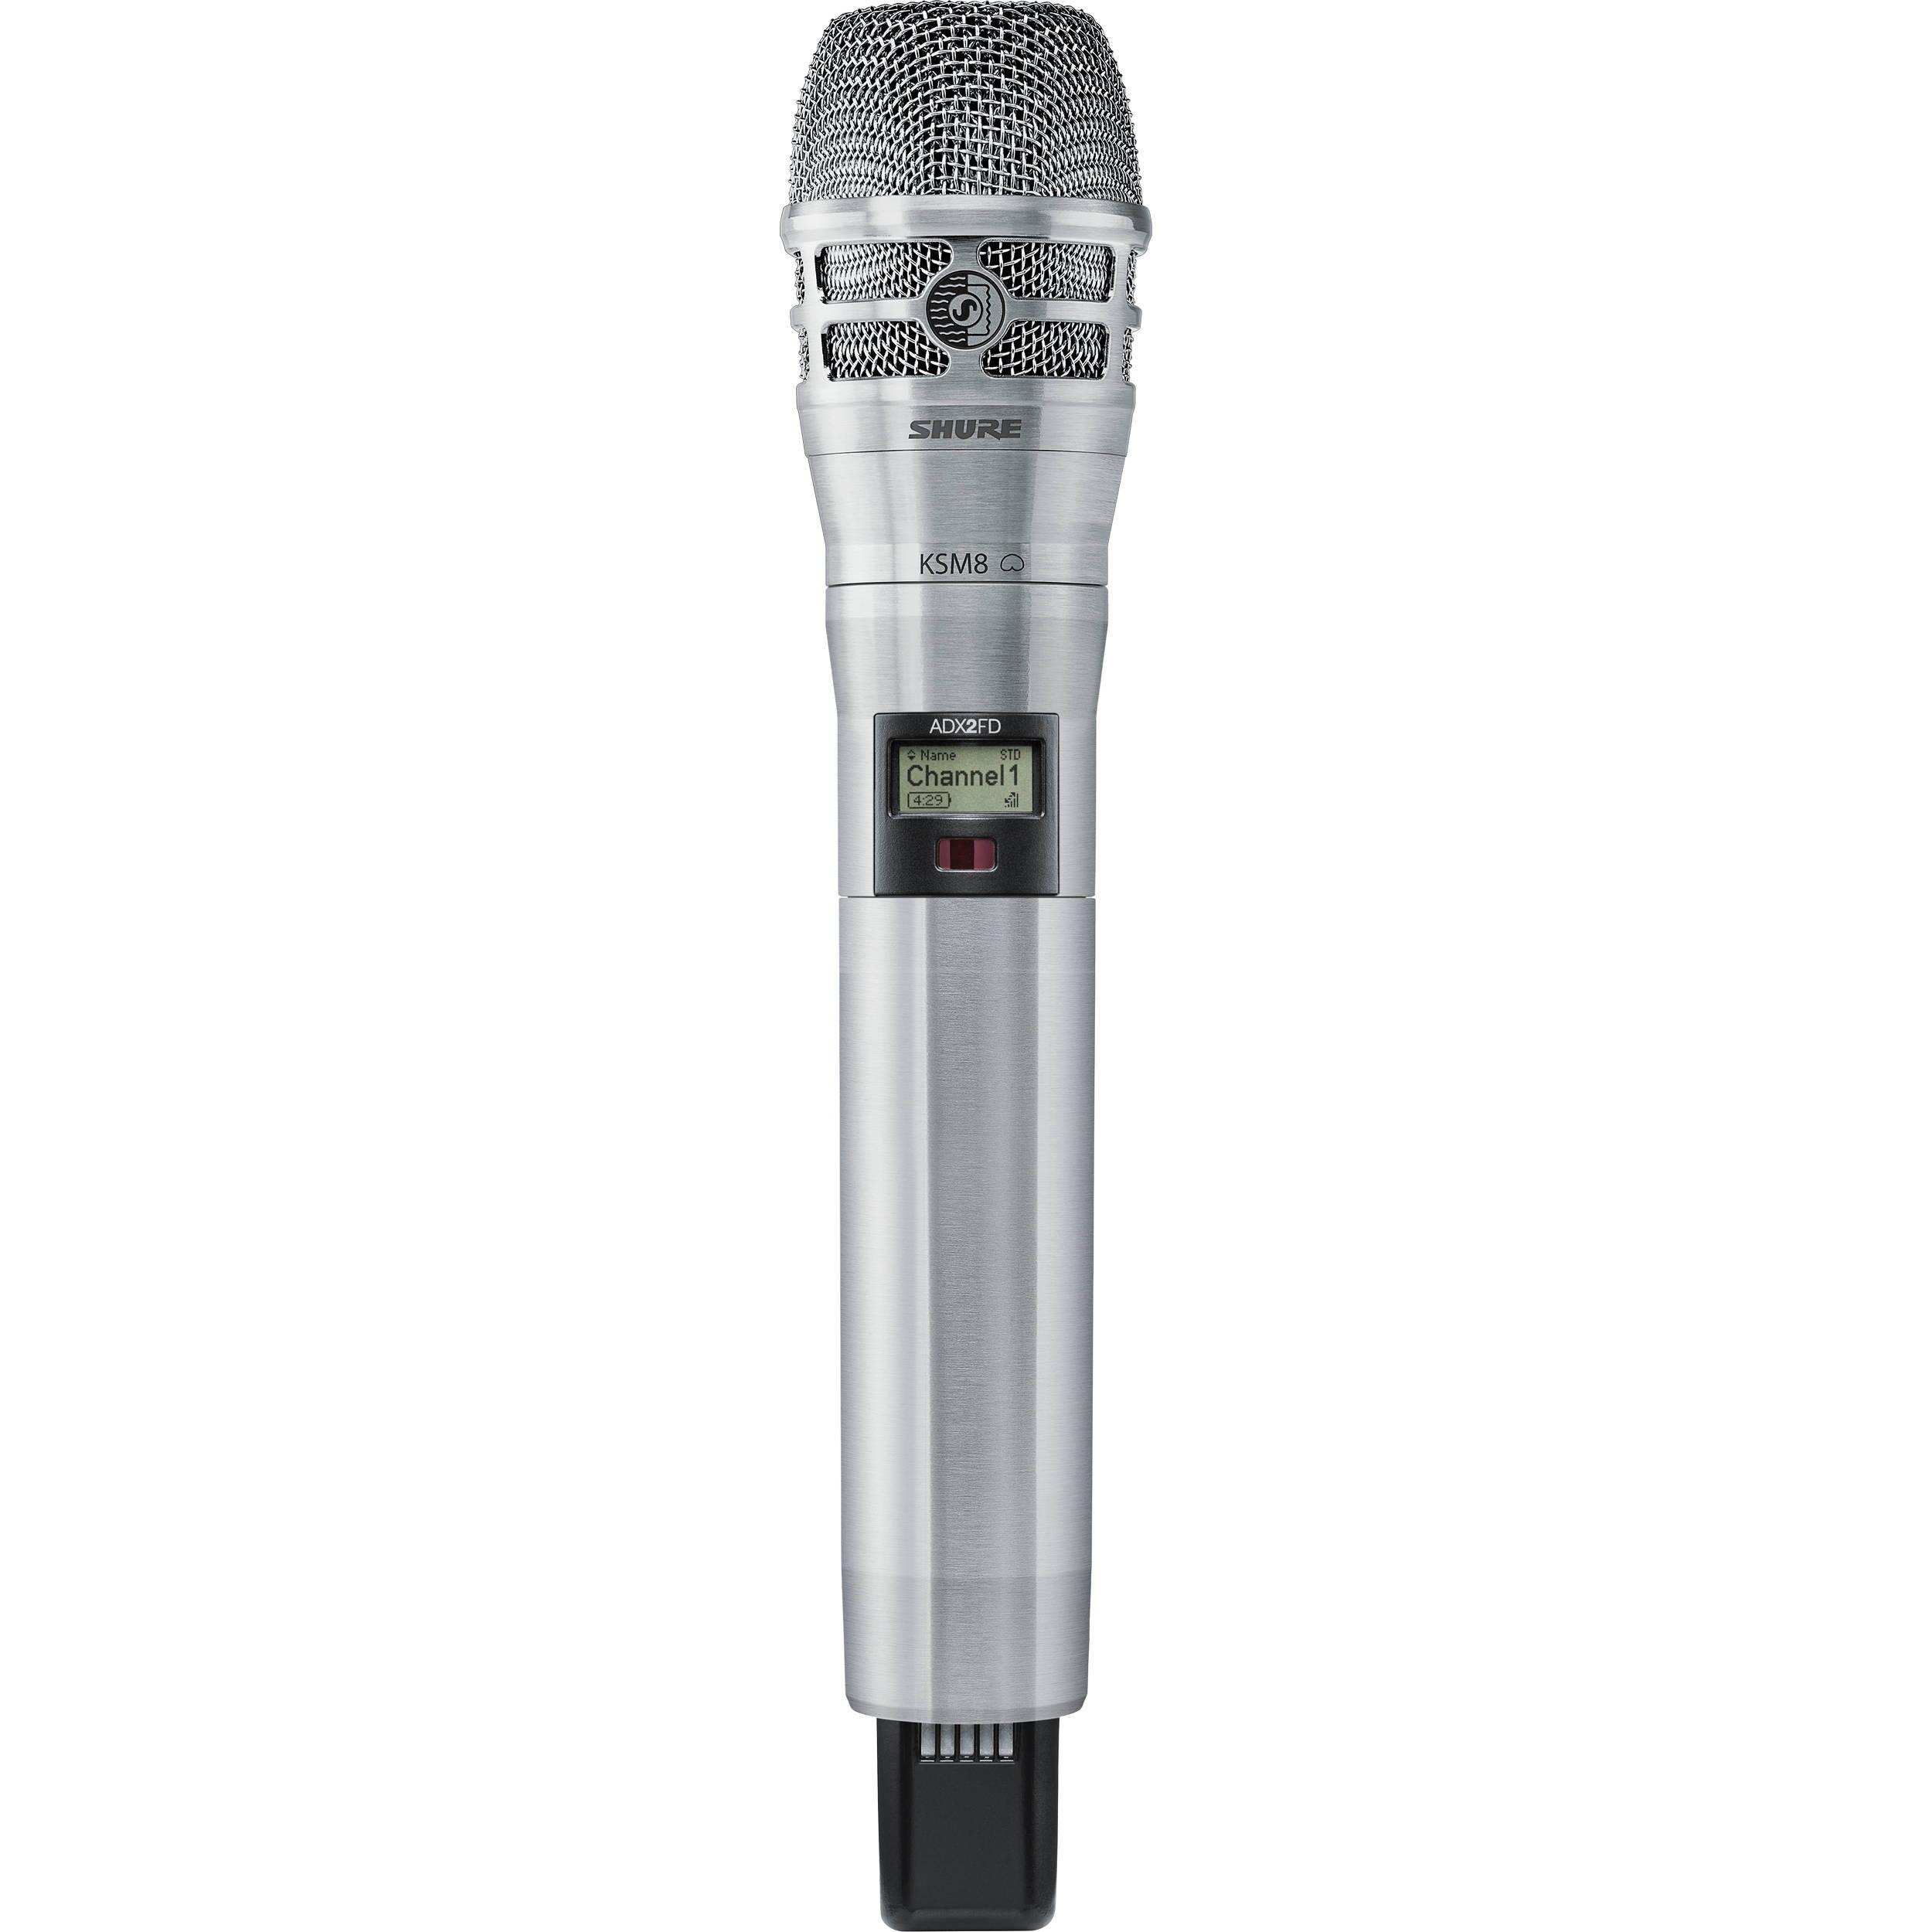 Shure ADX2FD/K8N Digital Handheld Wireless Microphone Transmitter with KSM8 Capsule